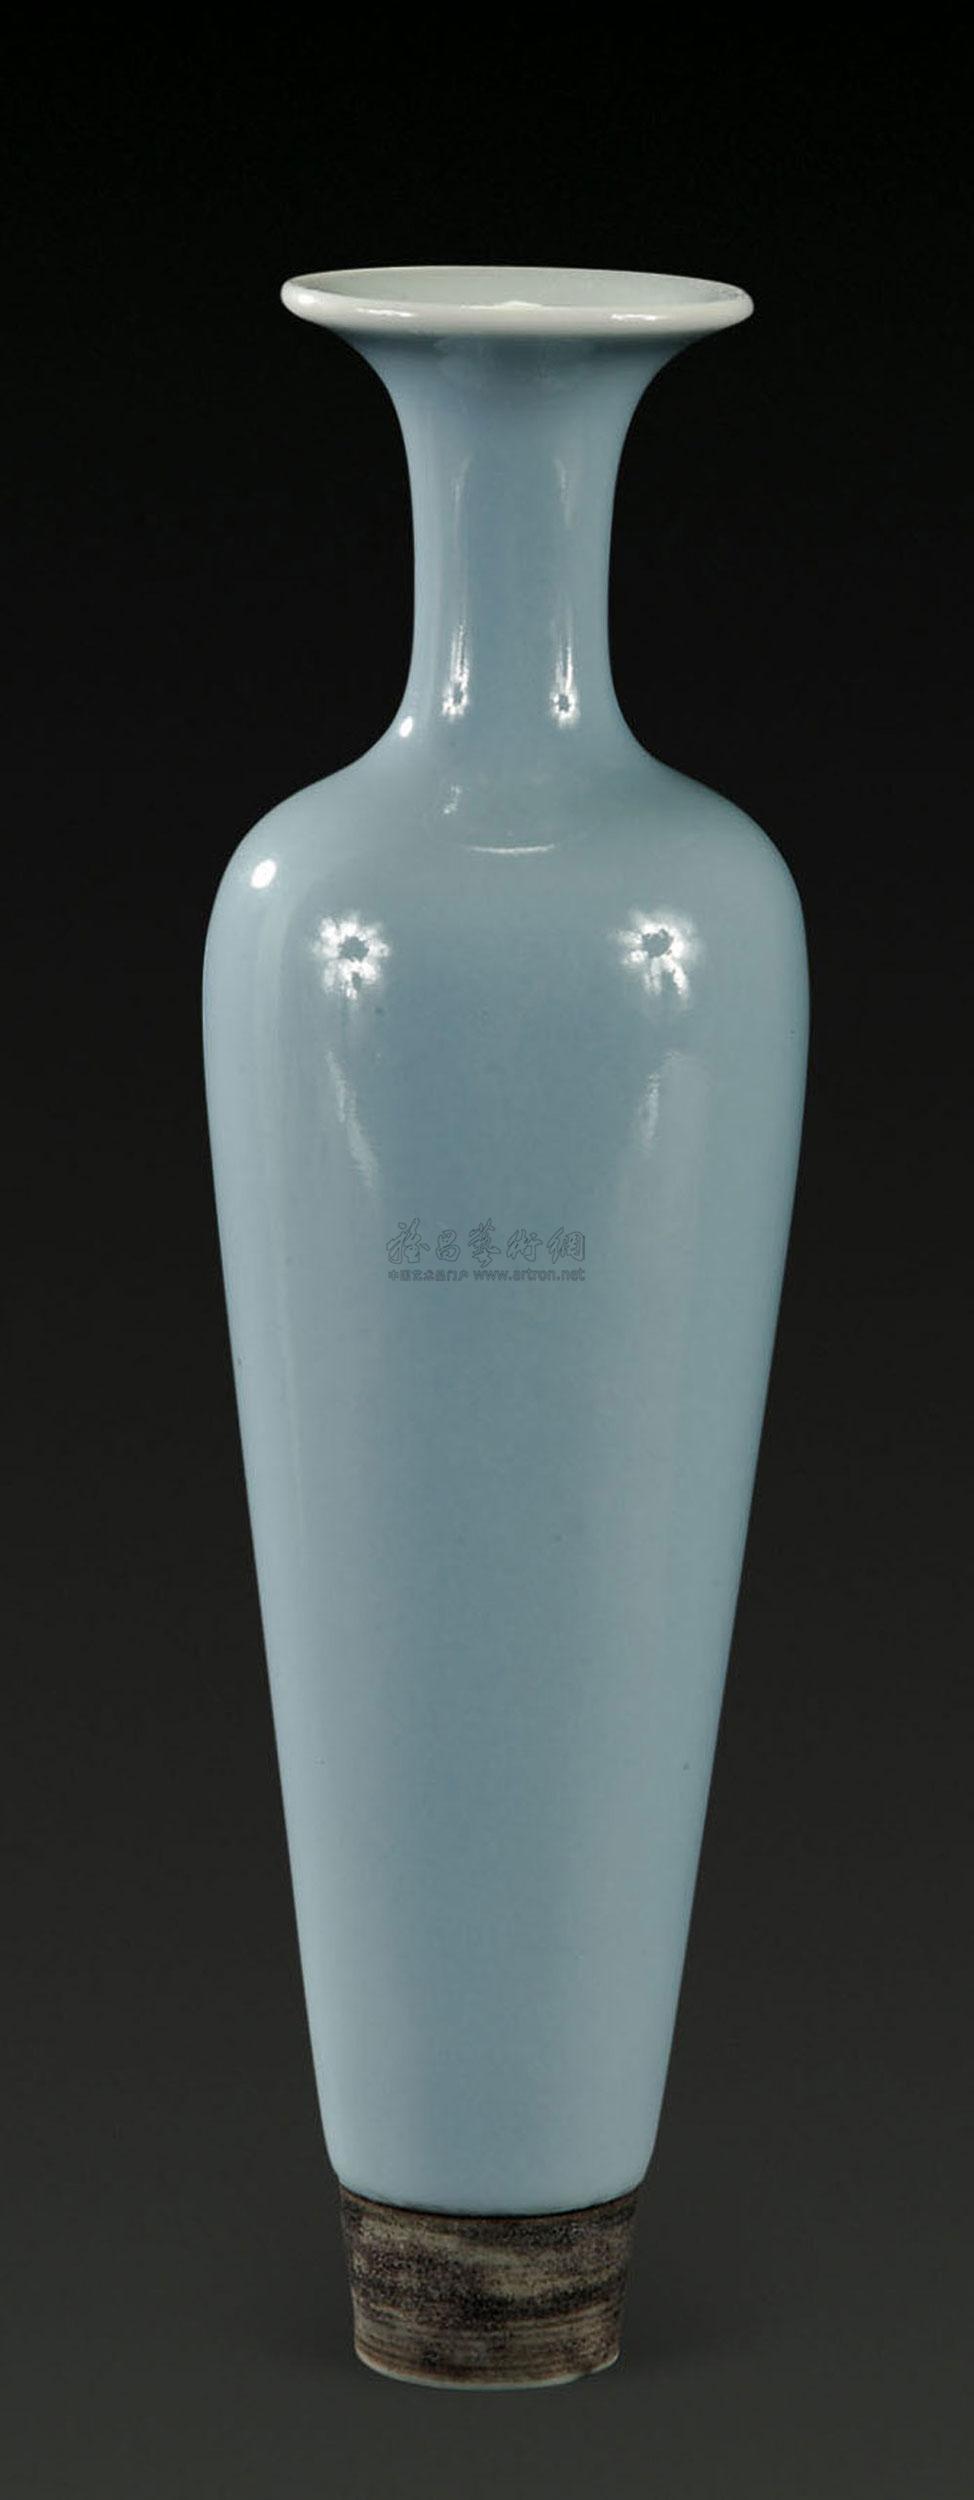 *1551 民国 天蓝釉柳叶瓶图片